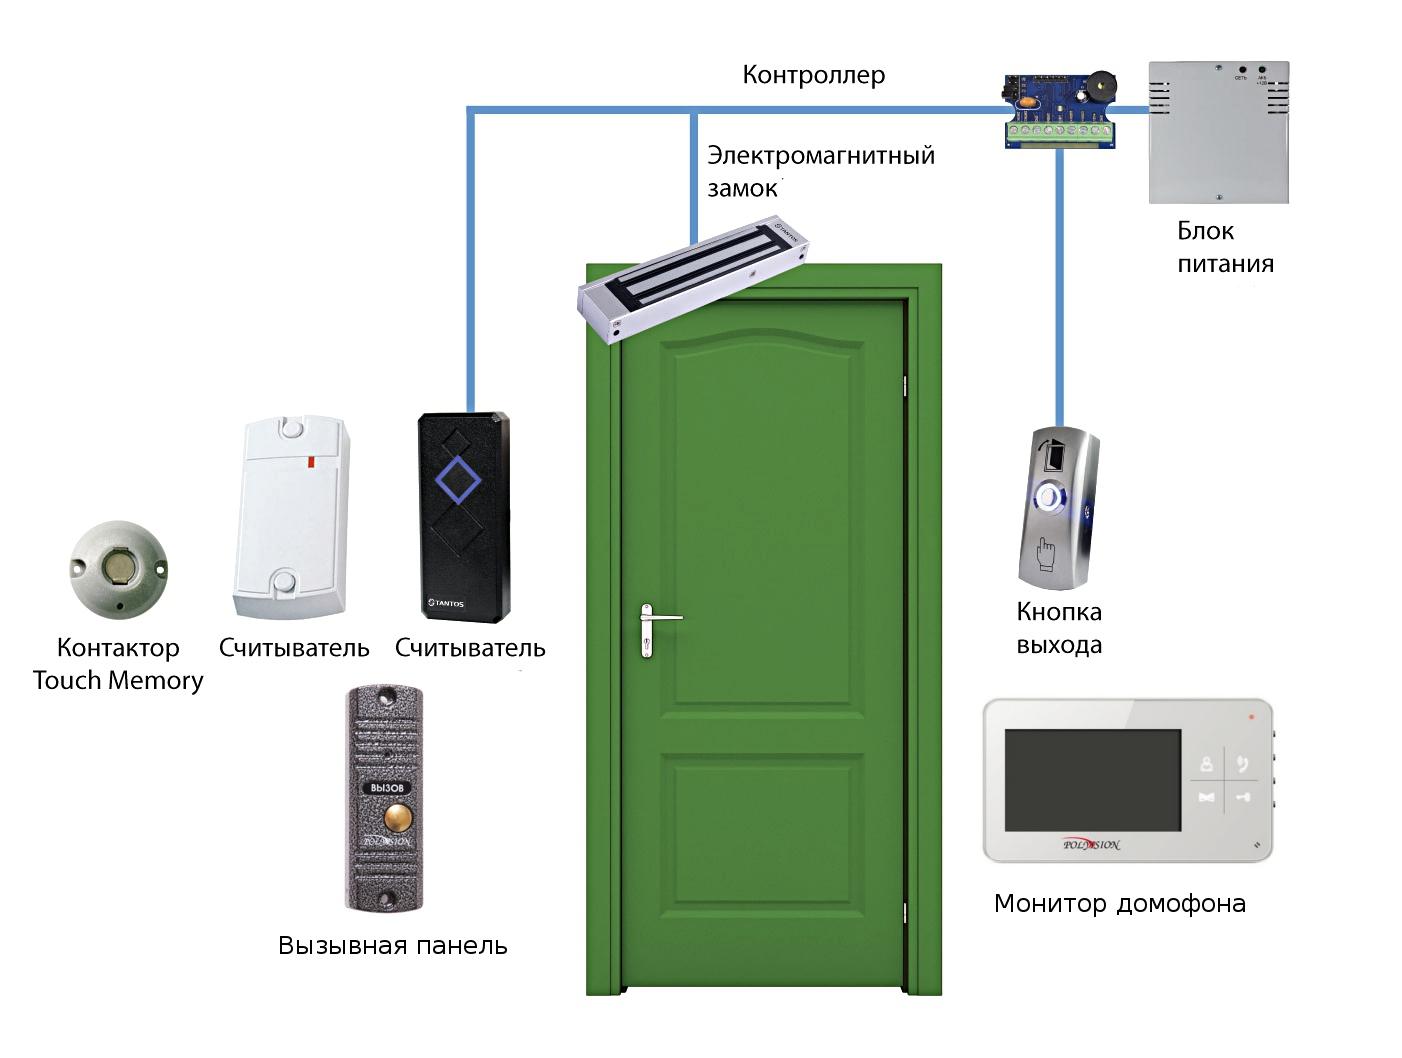 Скуд — система контроля и управления доступом: что это такое, типы, возможности